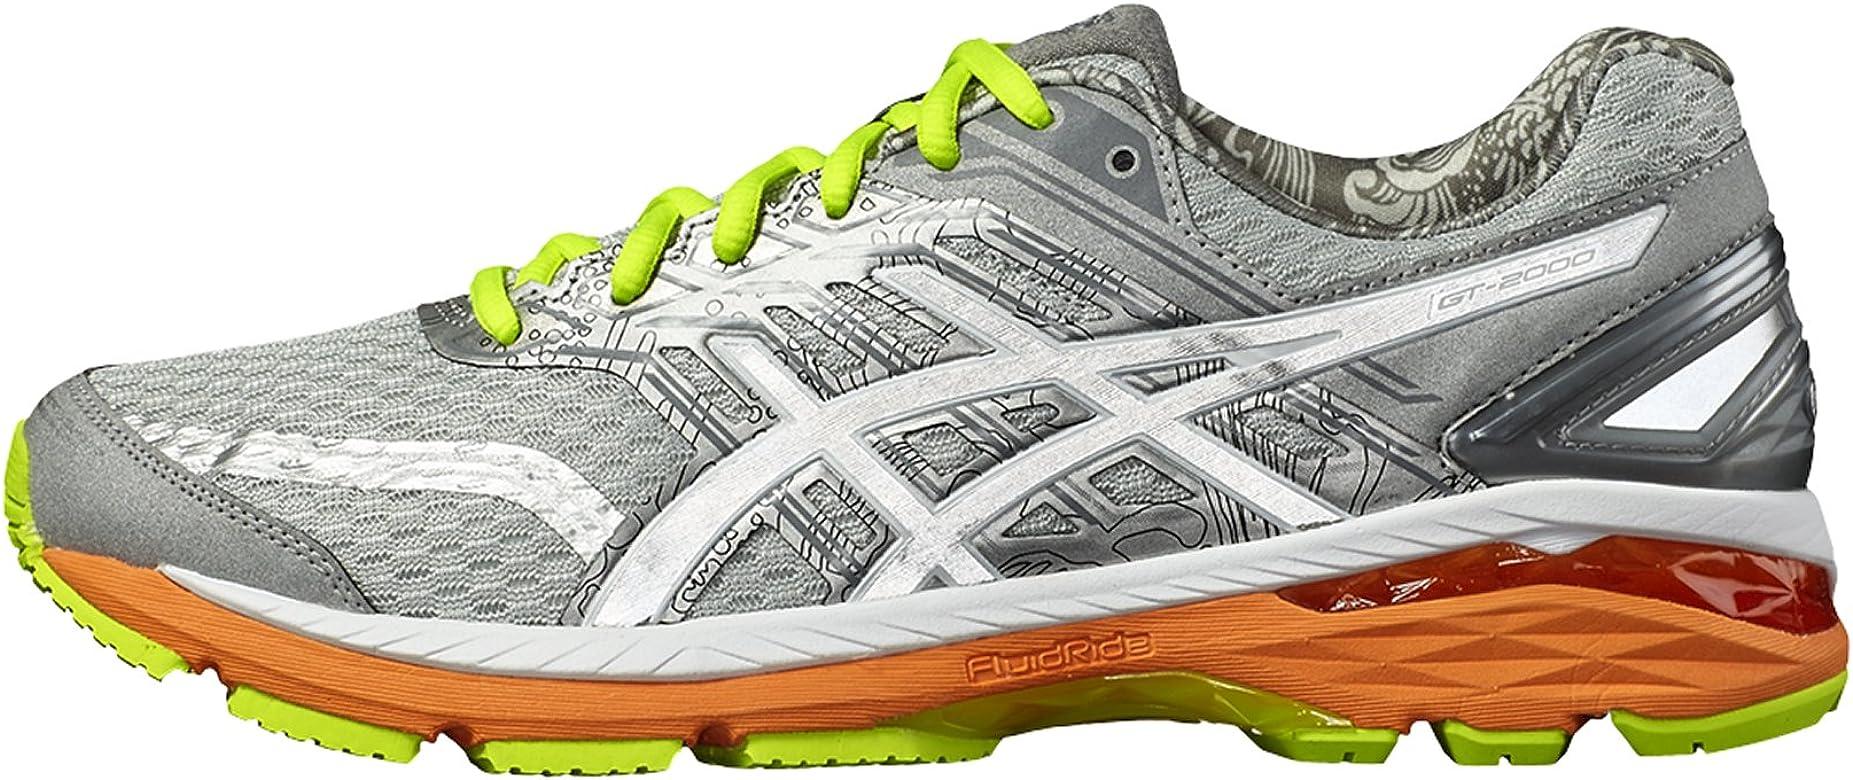 Zapatillas de deporte Asics GT de 2000 5 para hombre, T711 N-9601 gris, gris, EU 41,5: Amazon.es: Deportes y aire libre